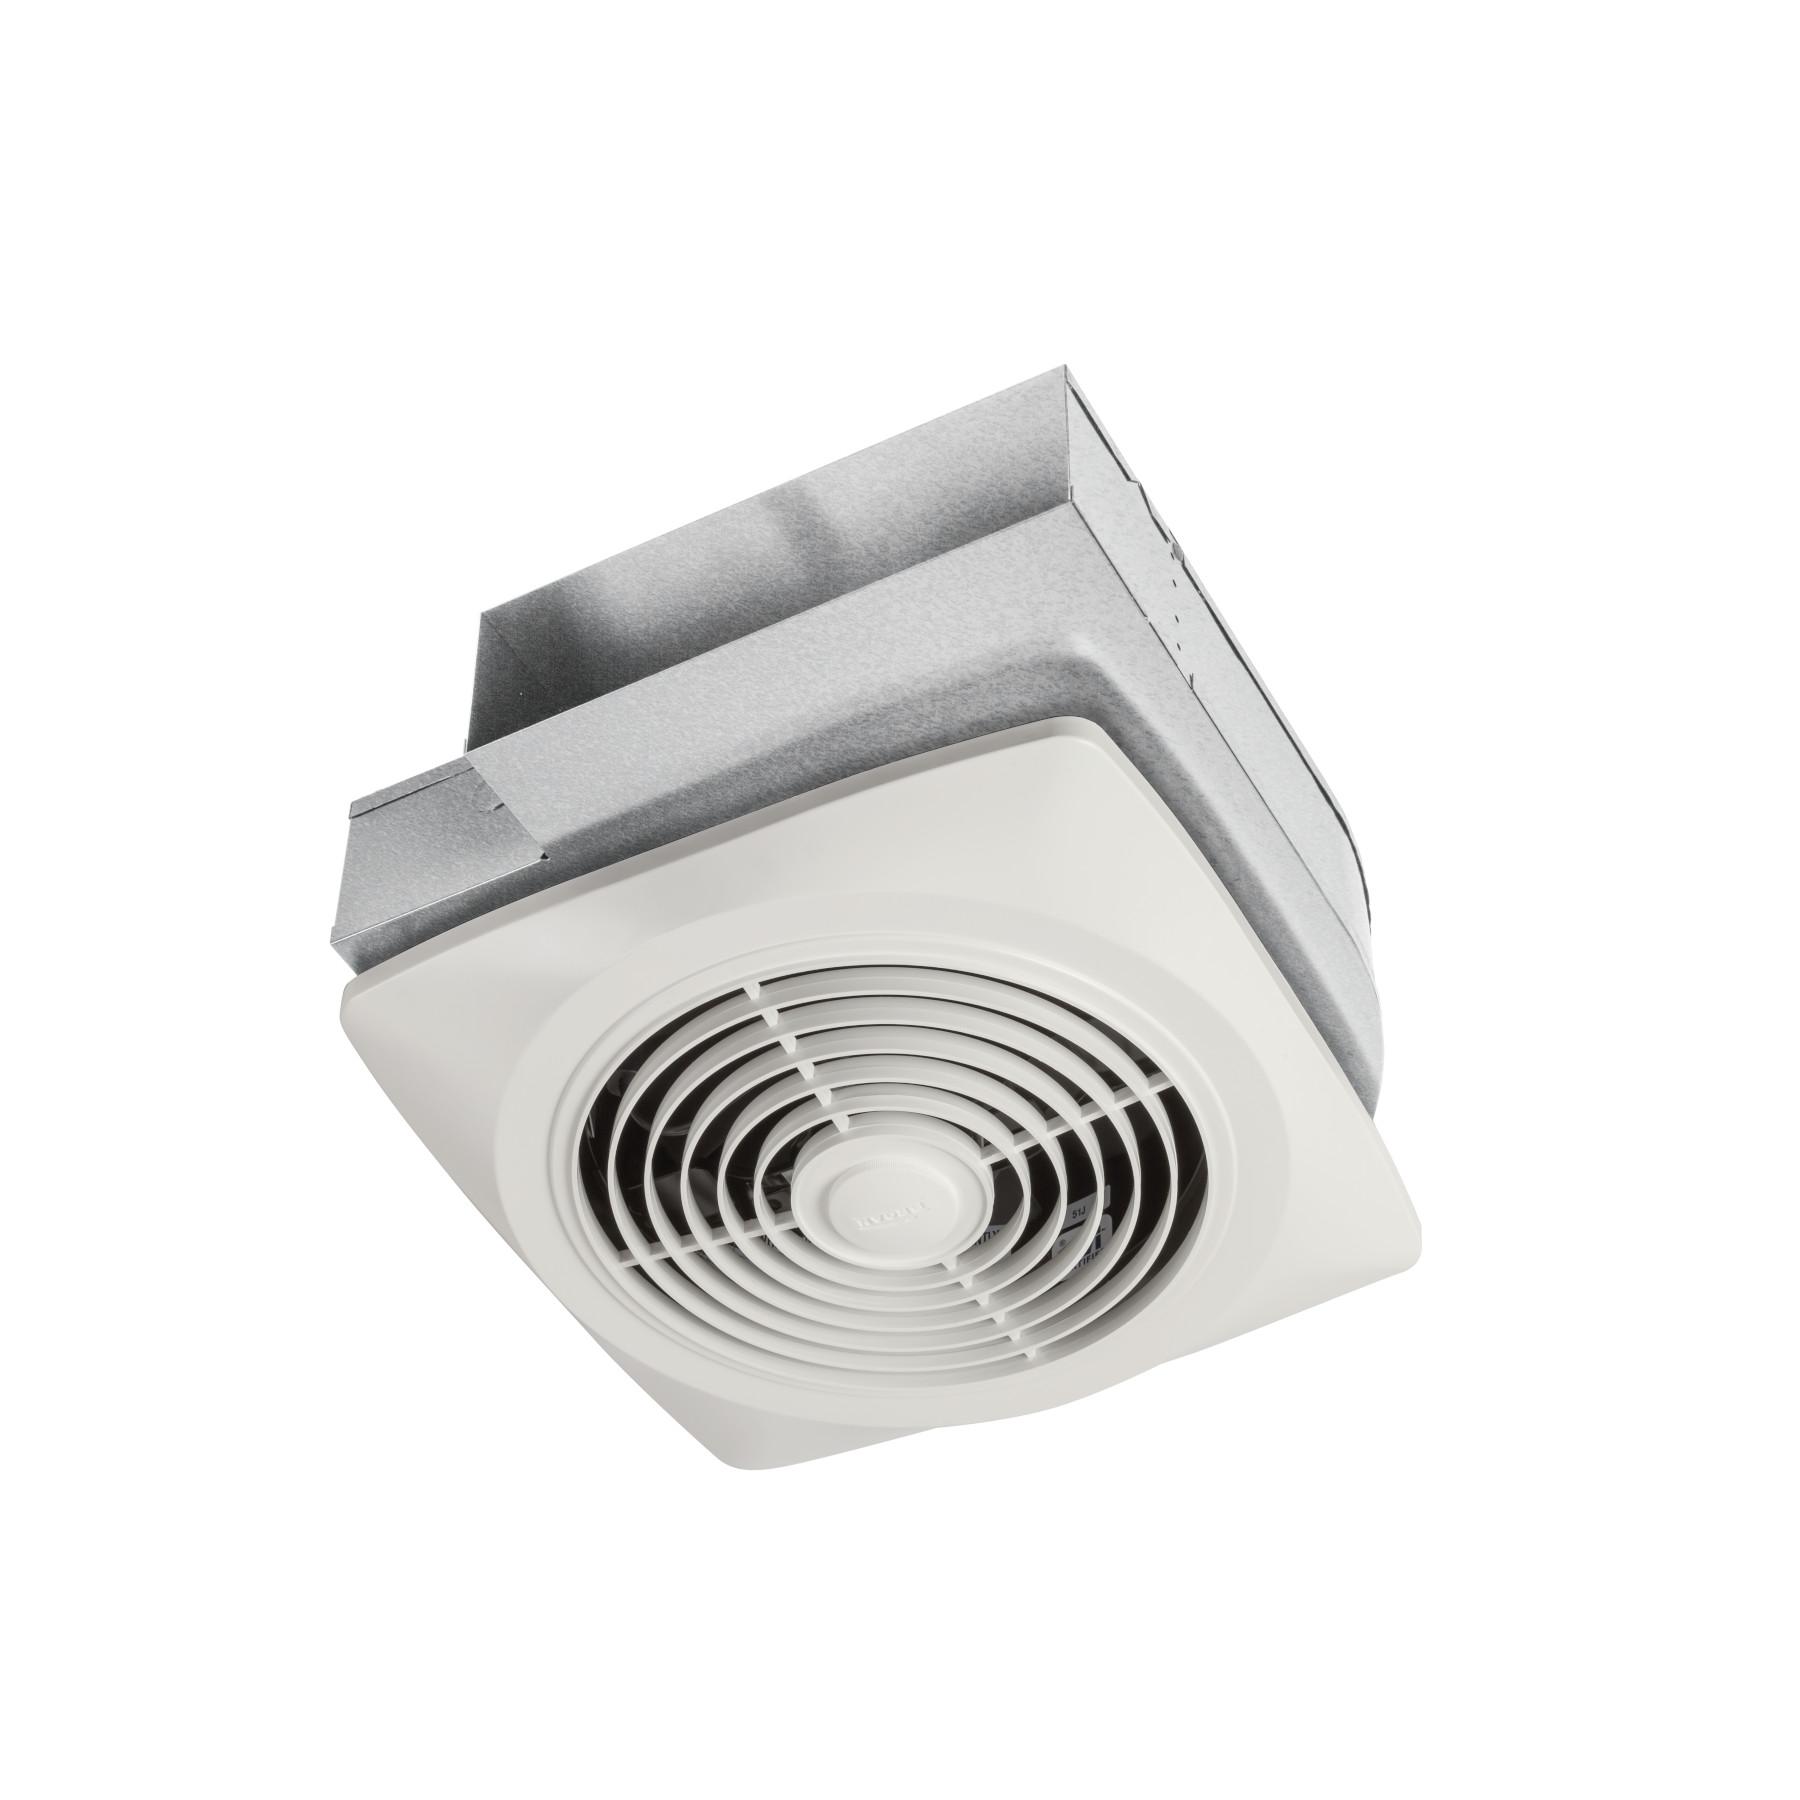 160 cfm side discharge ventilation fan